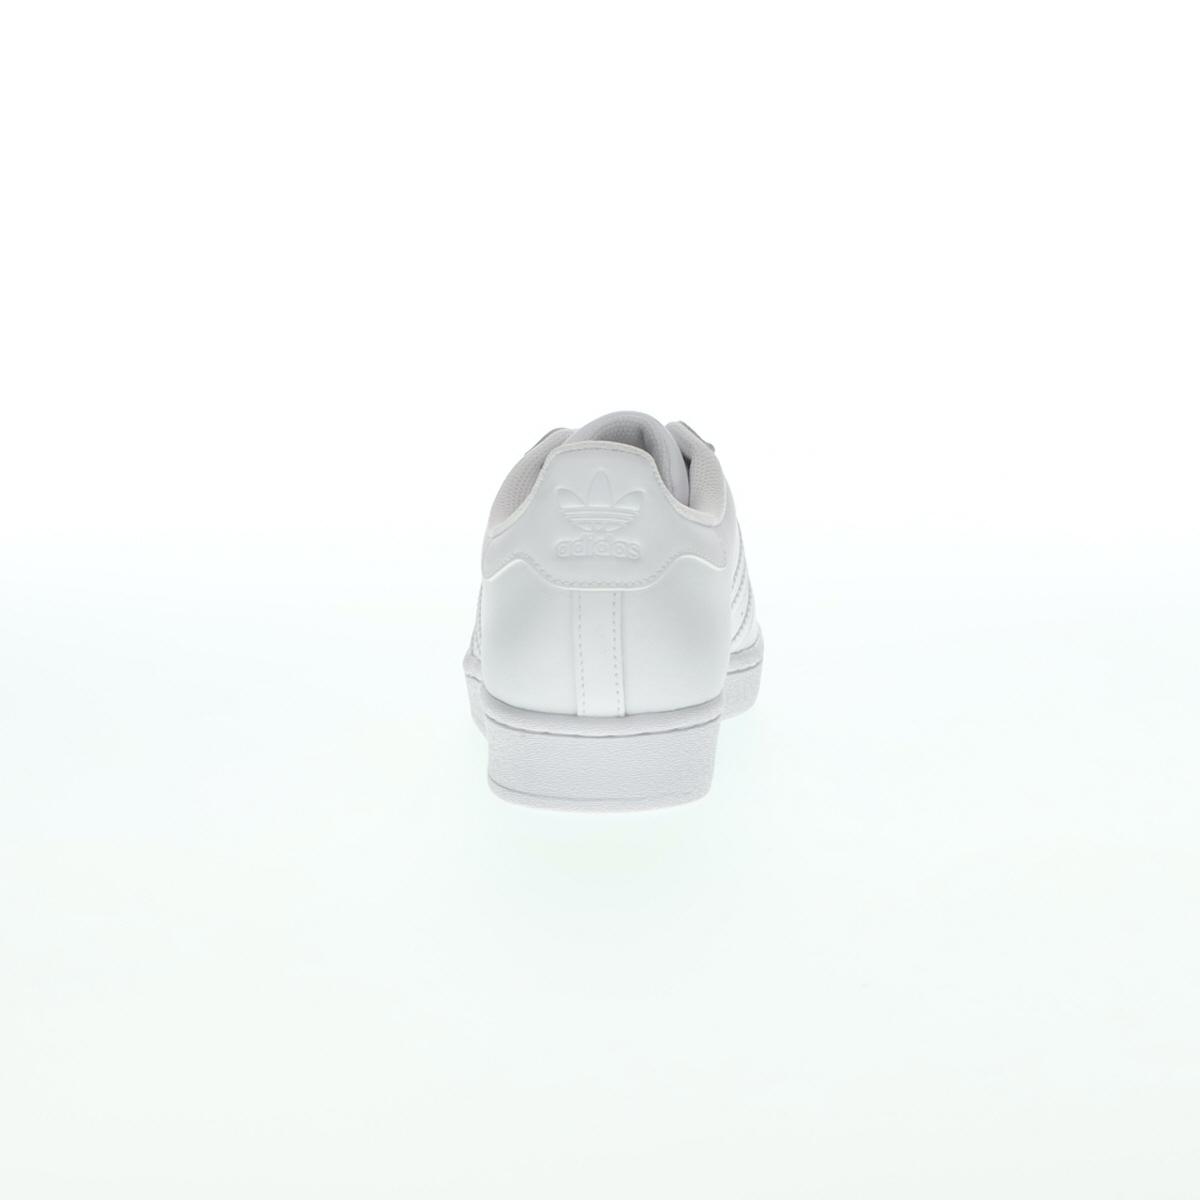 adidas iniki homme kaki perfume collection shoes